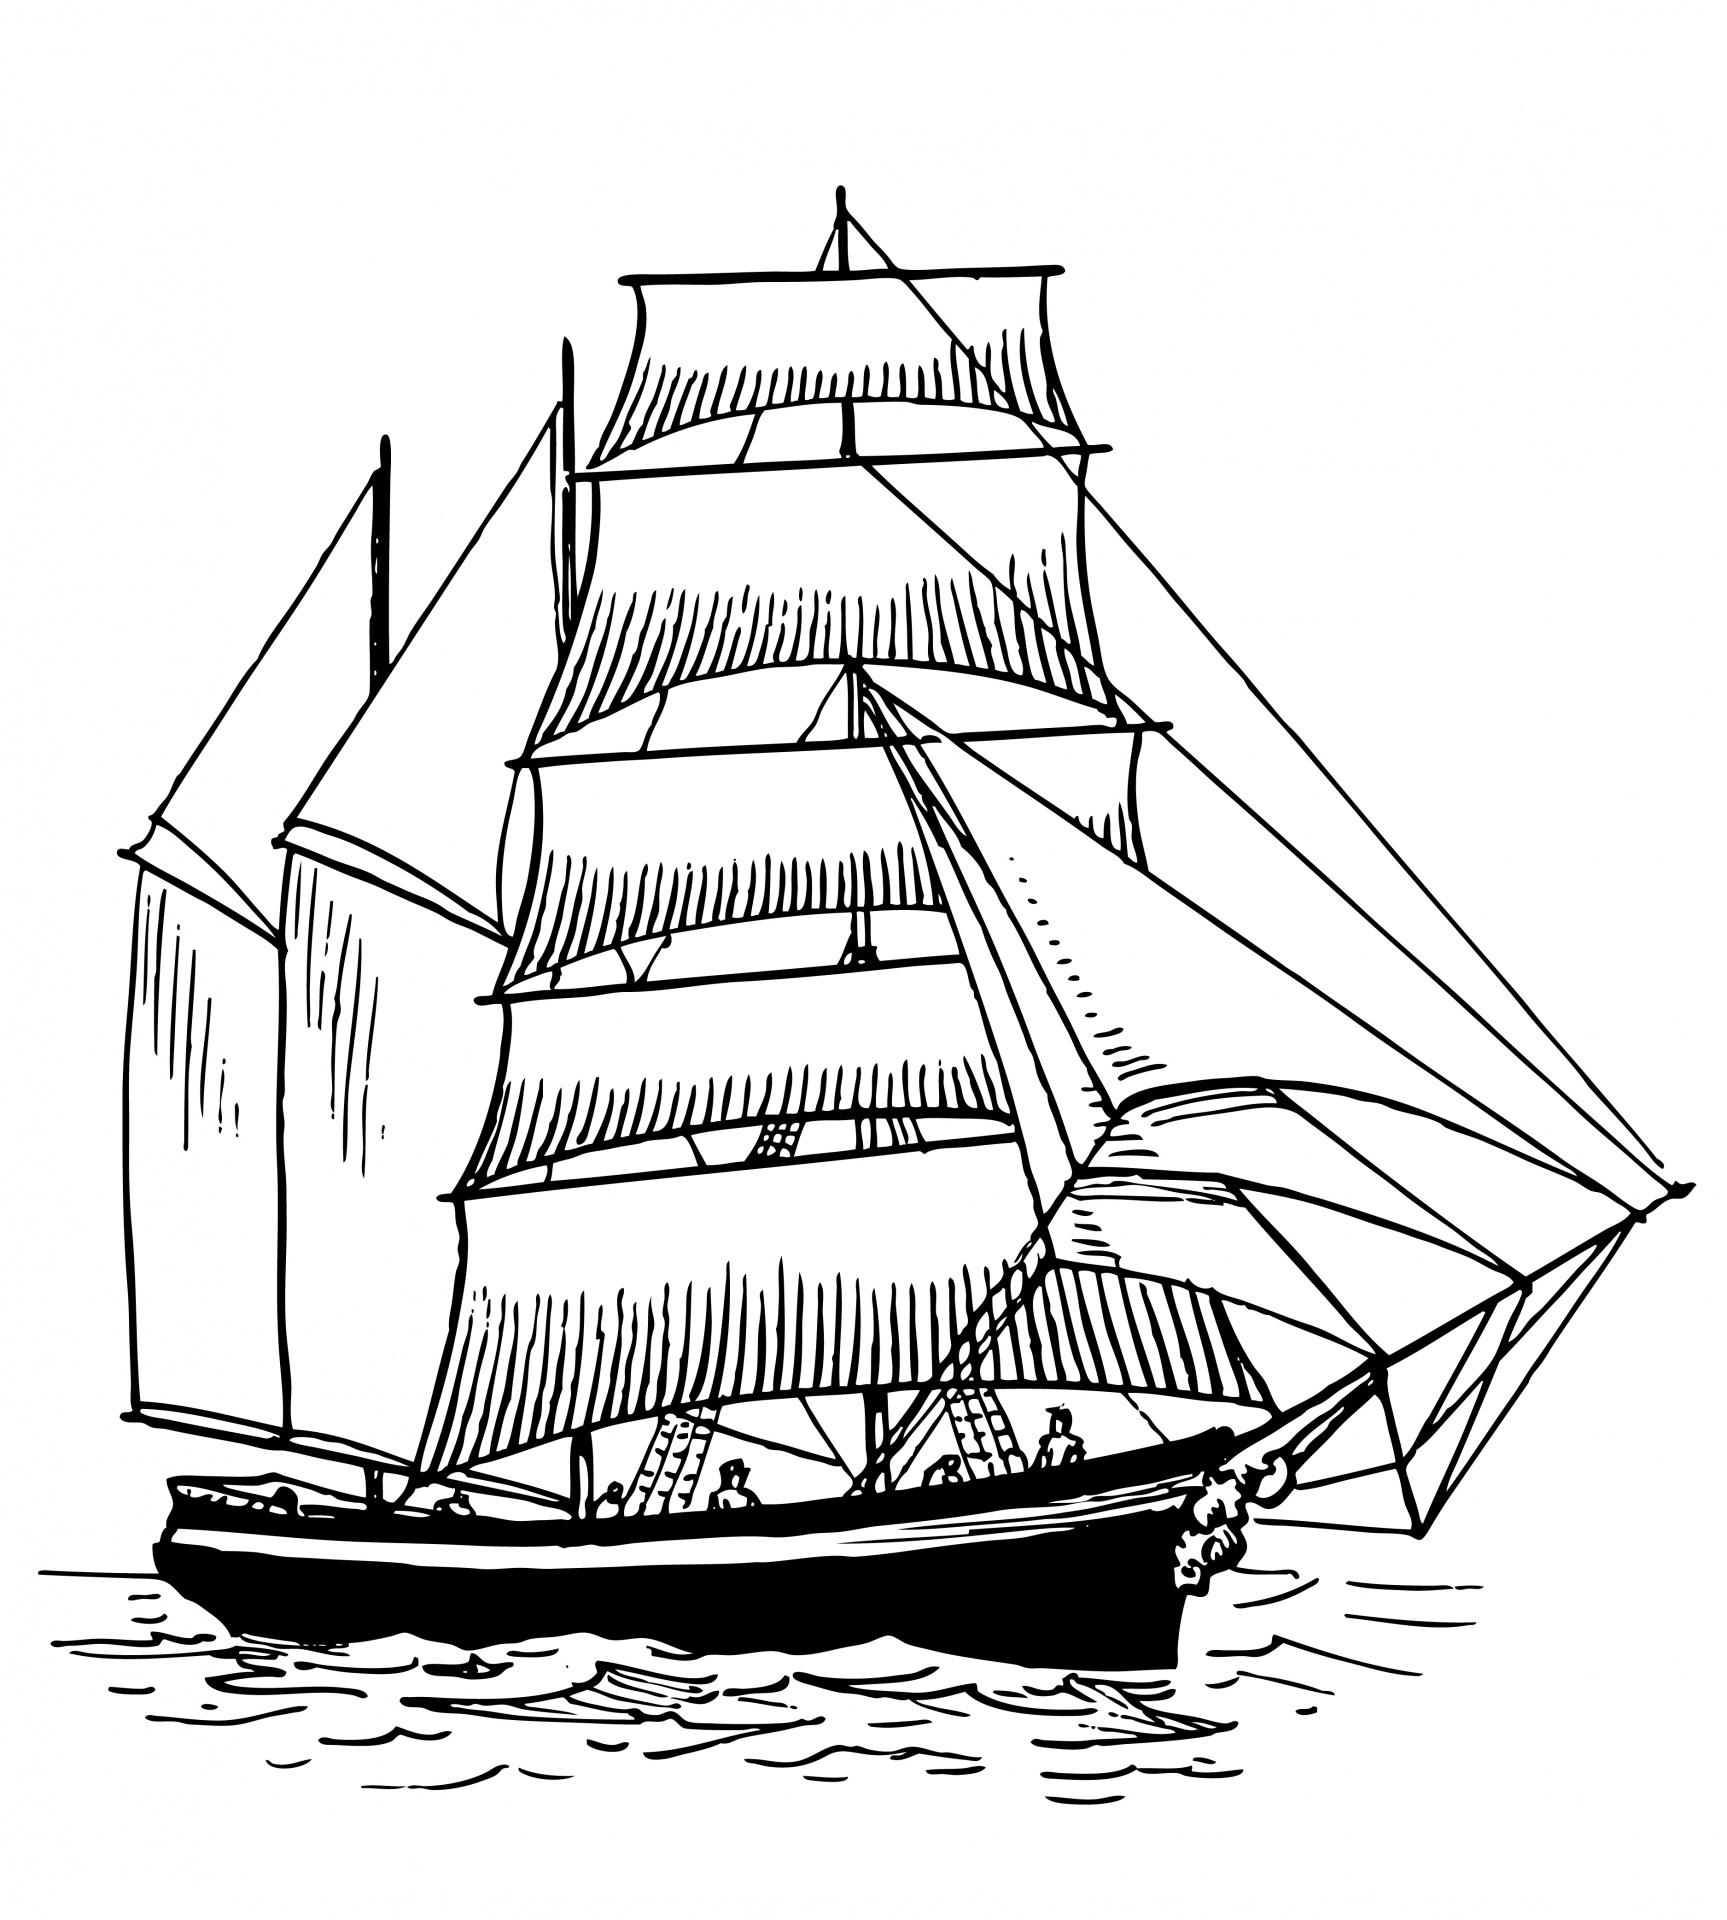 Francisco Pizarros Ship Francisco clipart - Cl...